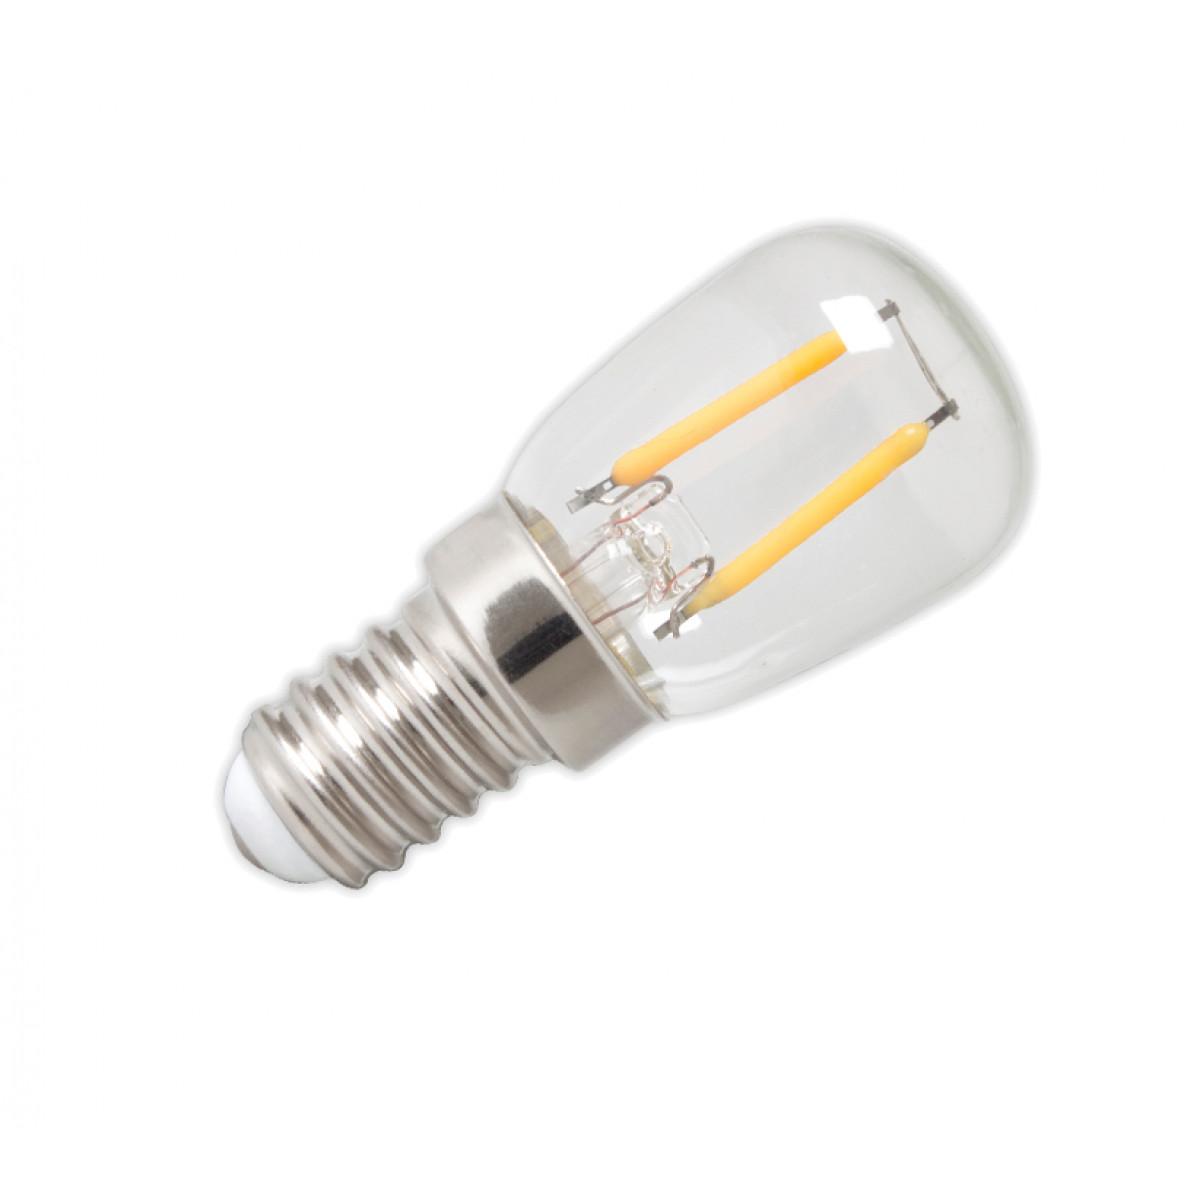 LED E14 Pilot lamp